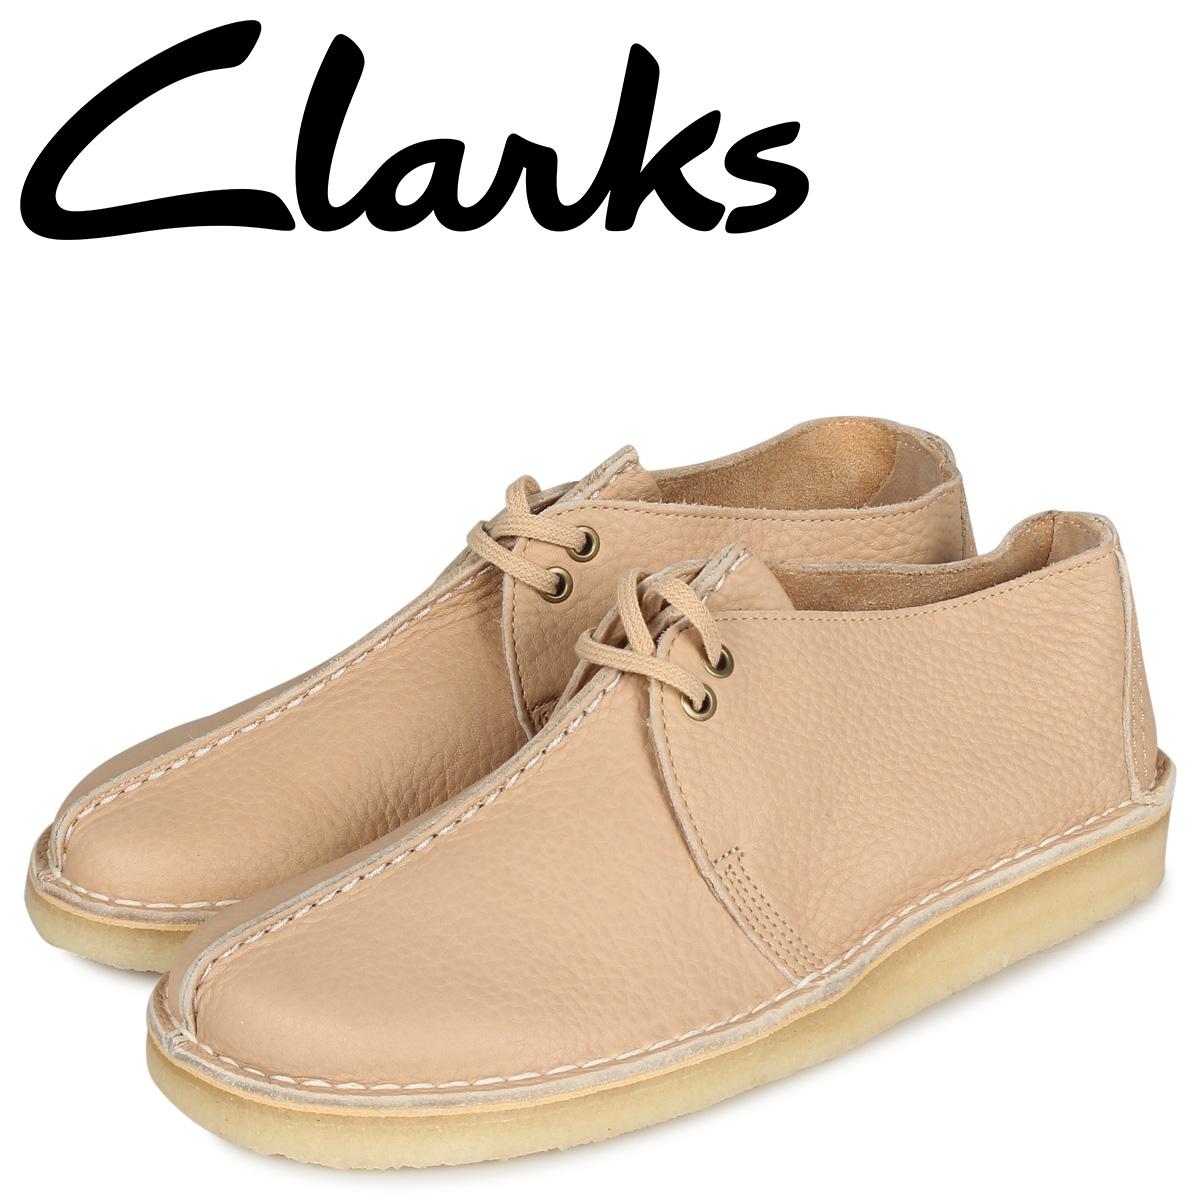 Clarks クラークス デザートトレック ブーツ メンズ DESERT TREK オフ ホワイト 26145275